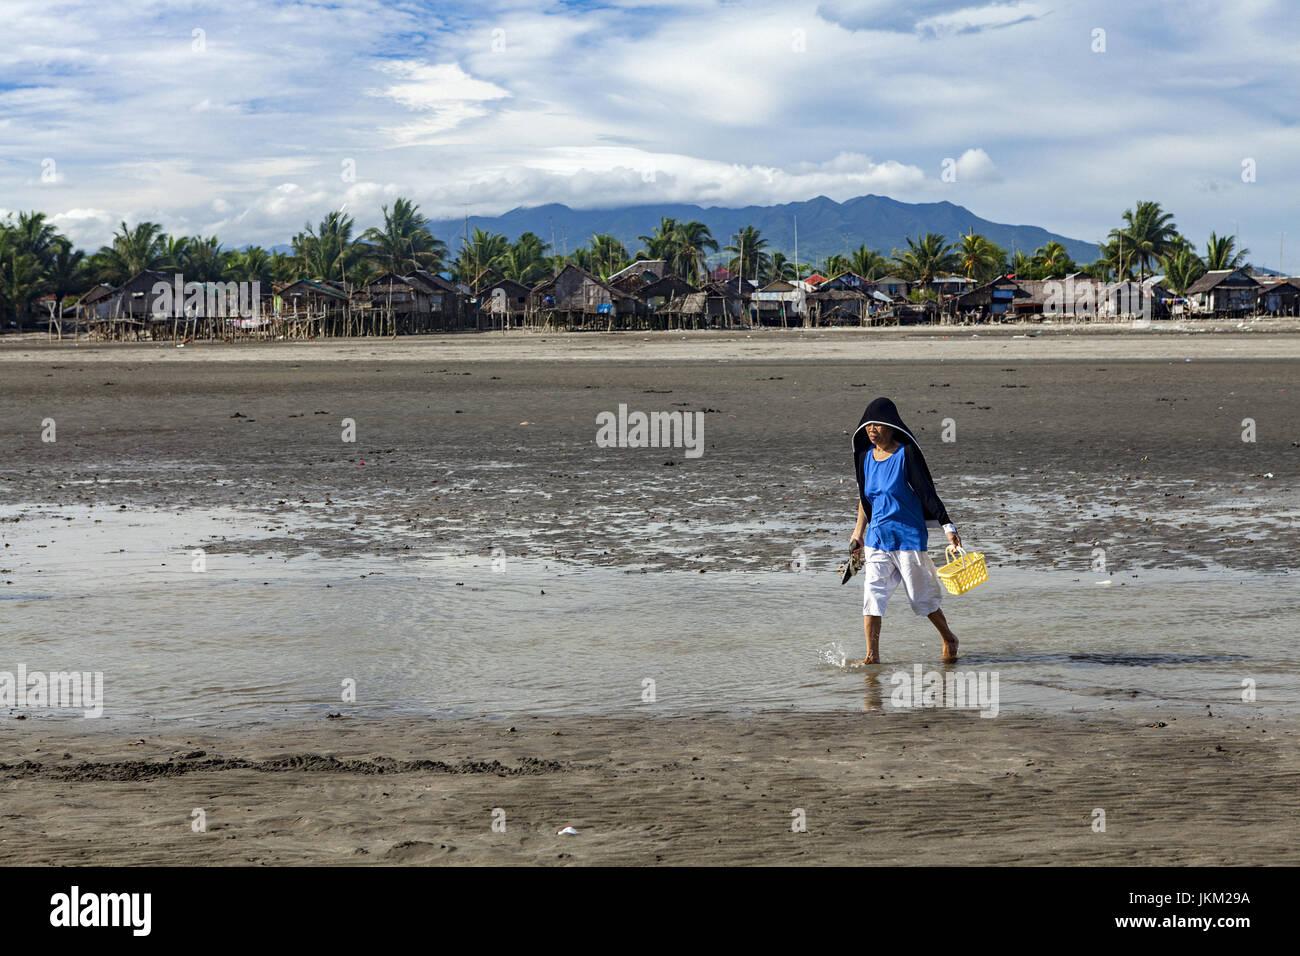 Philippinische Frau sammelt Muscheln bei Ebbe in Cadiz City, Negros Occidental, Philippinen. Stockbild